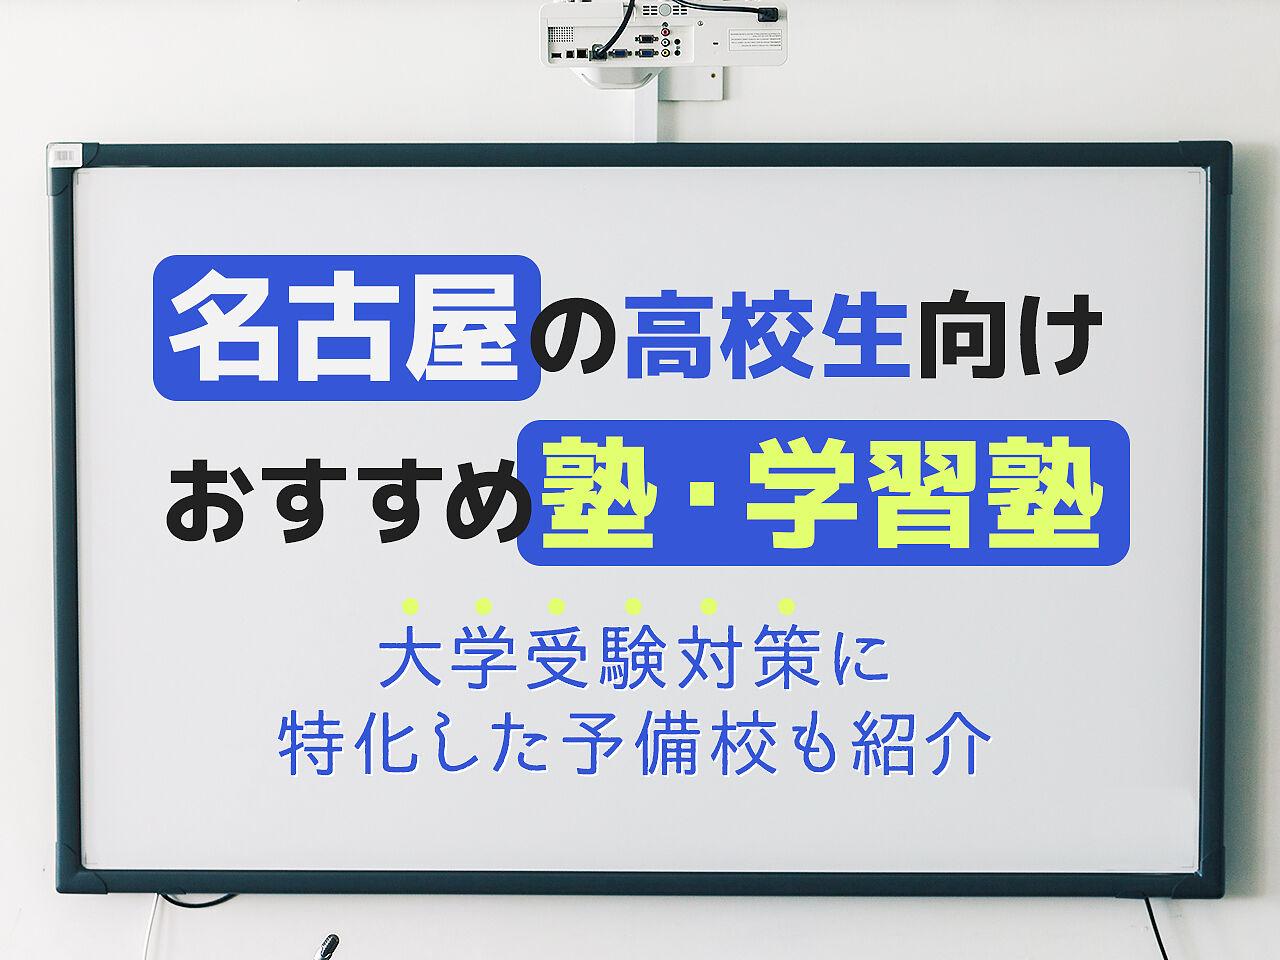 名古屋の高校生向け塾・学習塾おすすめ23選!大学受験対策に特化した予備校もご紹介の画像